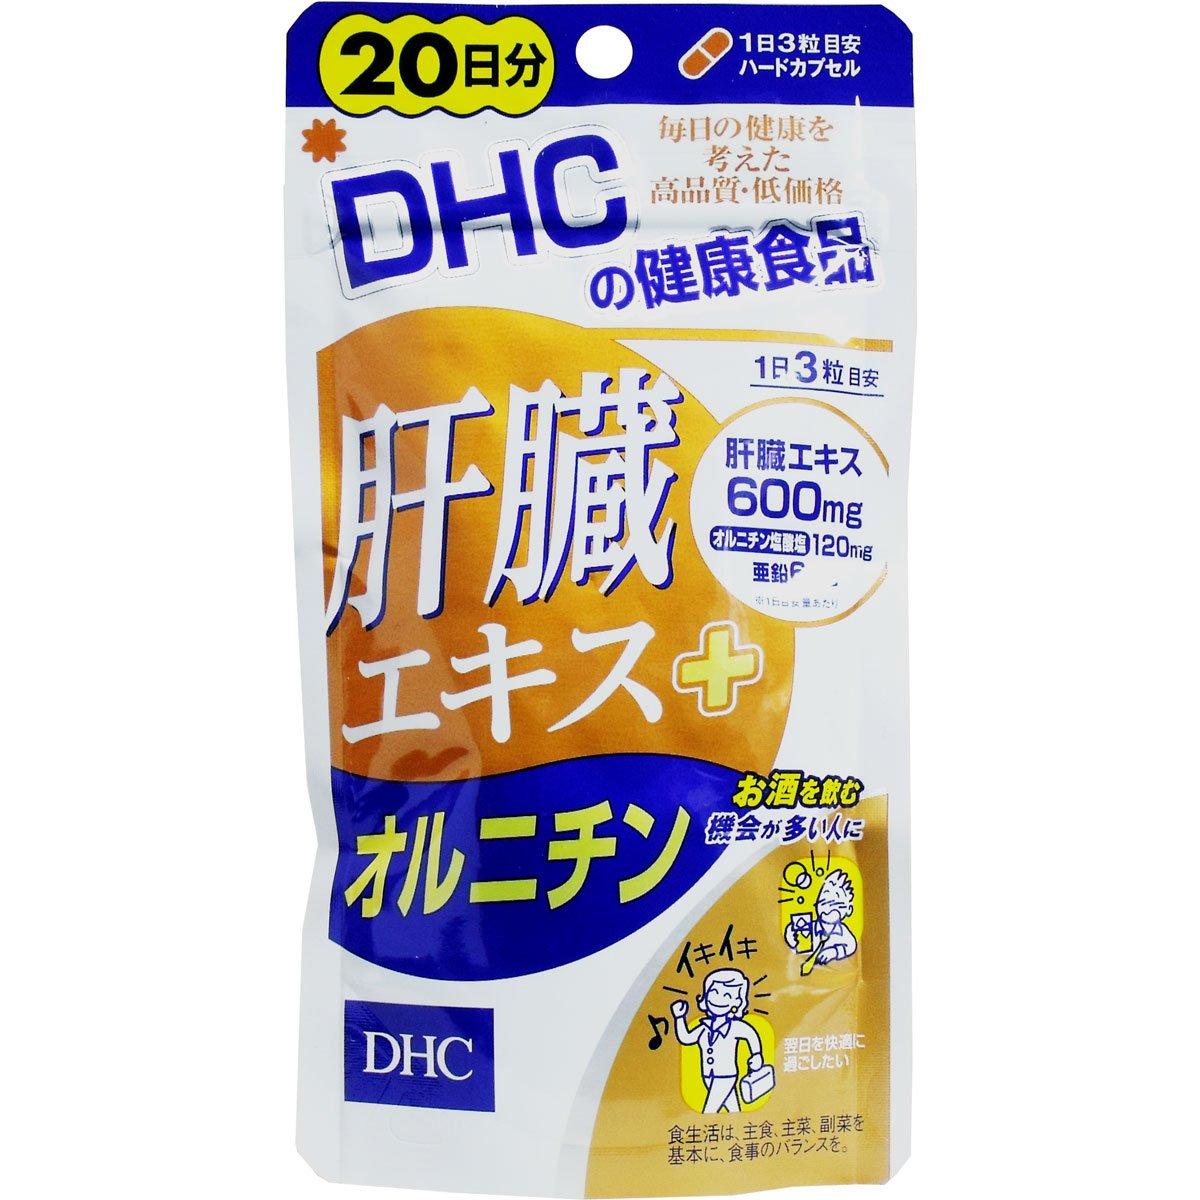 【お徳用 8 セット】 DHC 肝臓エキス+オルニチン 20日分 60粒×8セット B06VXN5L7Y